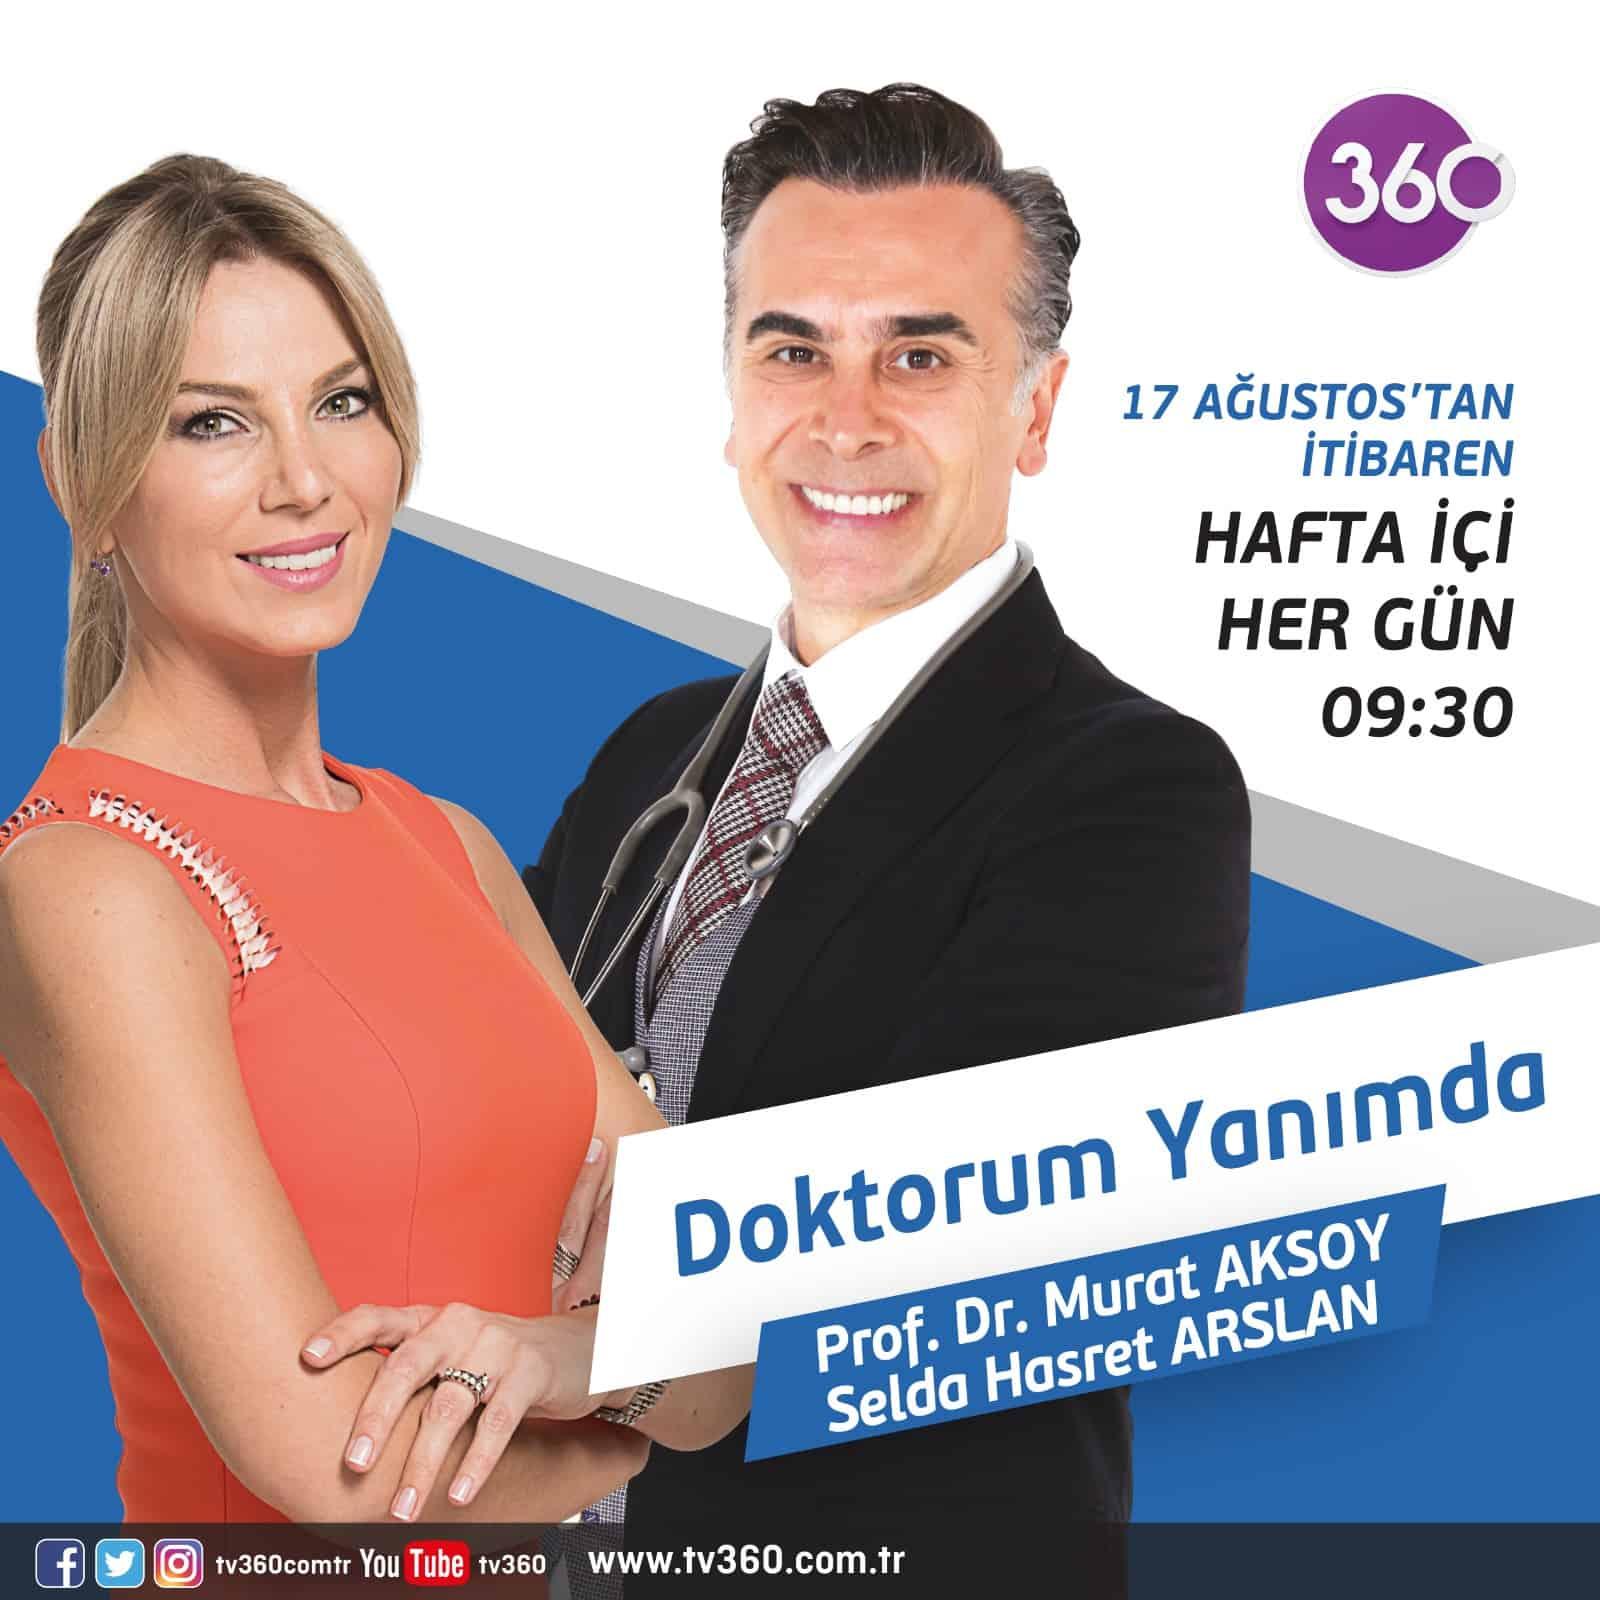 Doktorum Yanimda Sunuculari 360 Tv